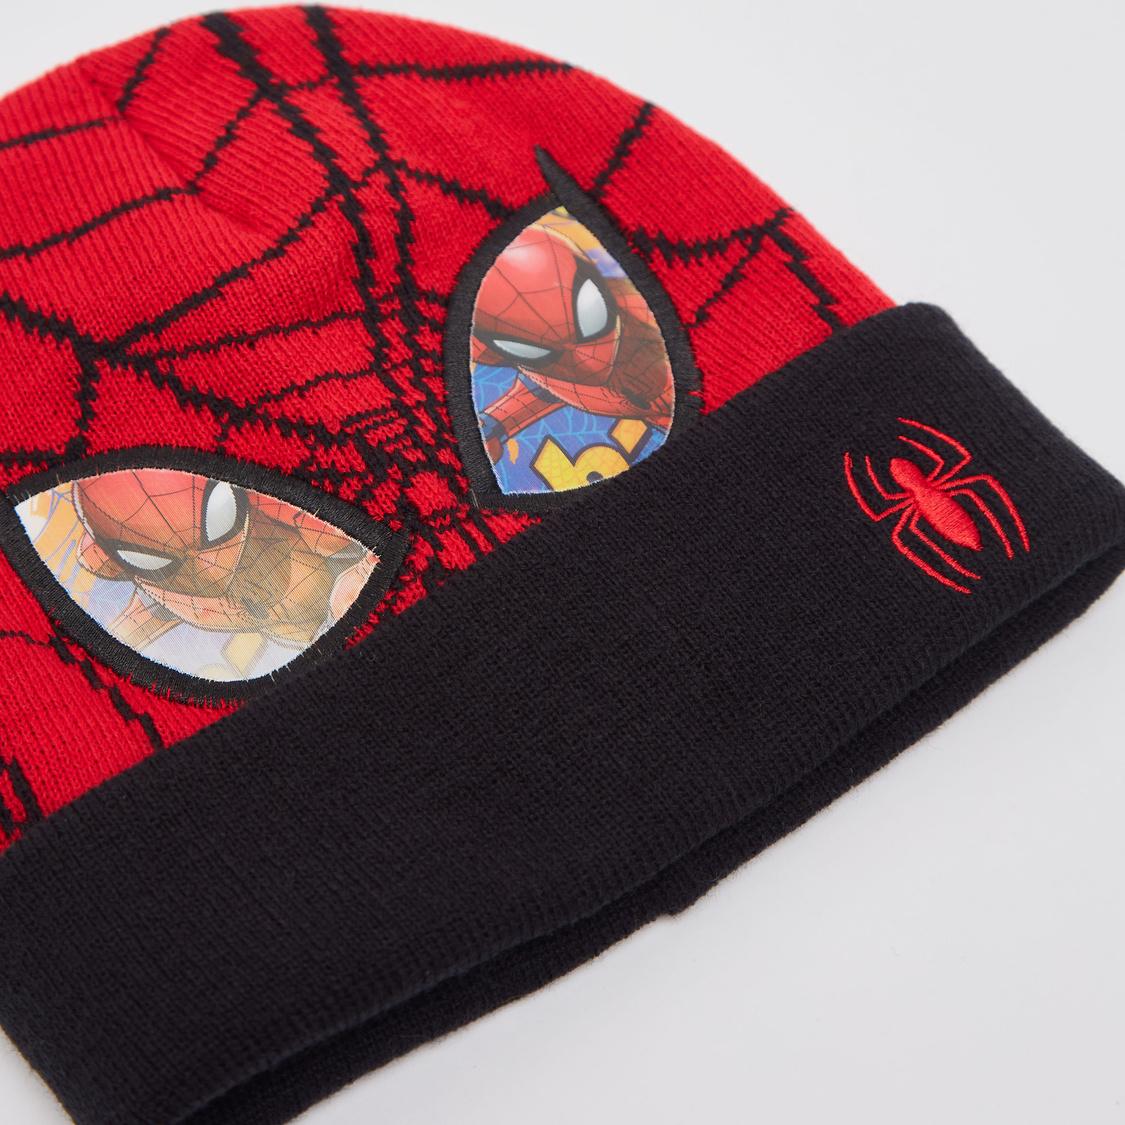 Spider-Man Cap and Gloves Set